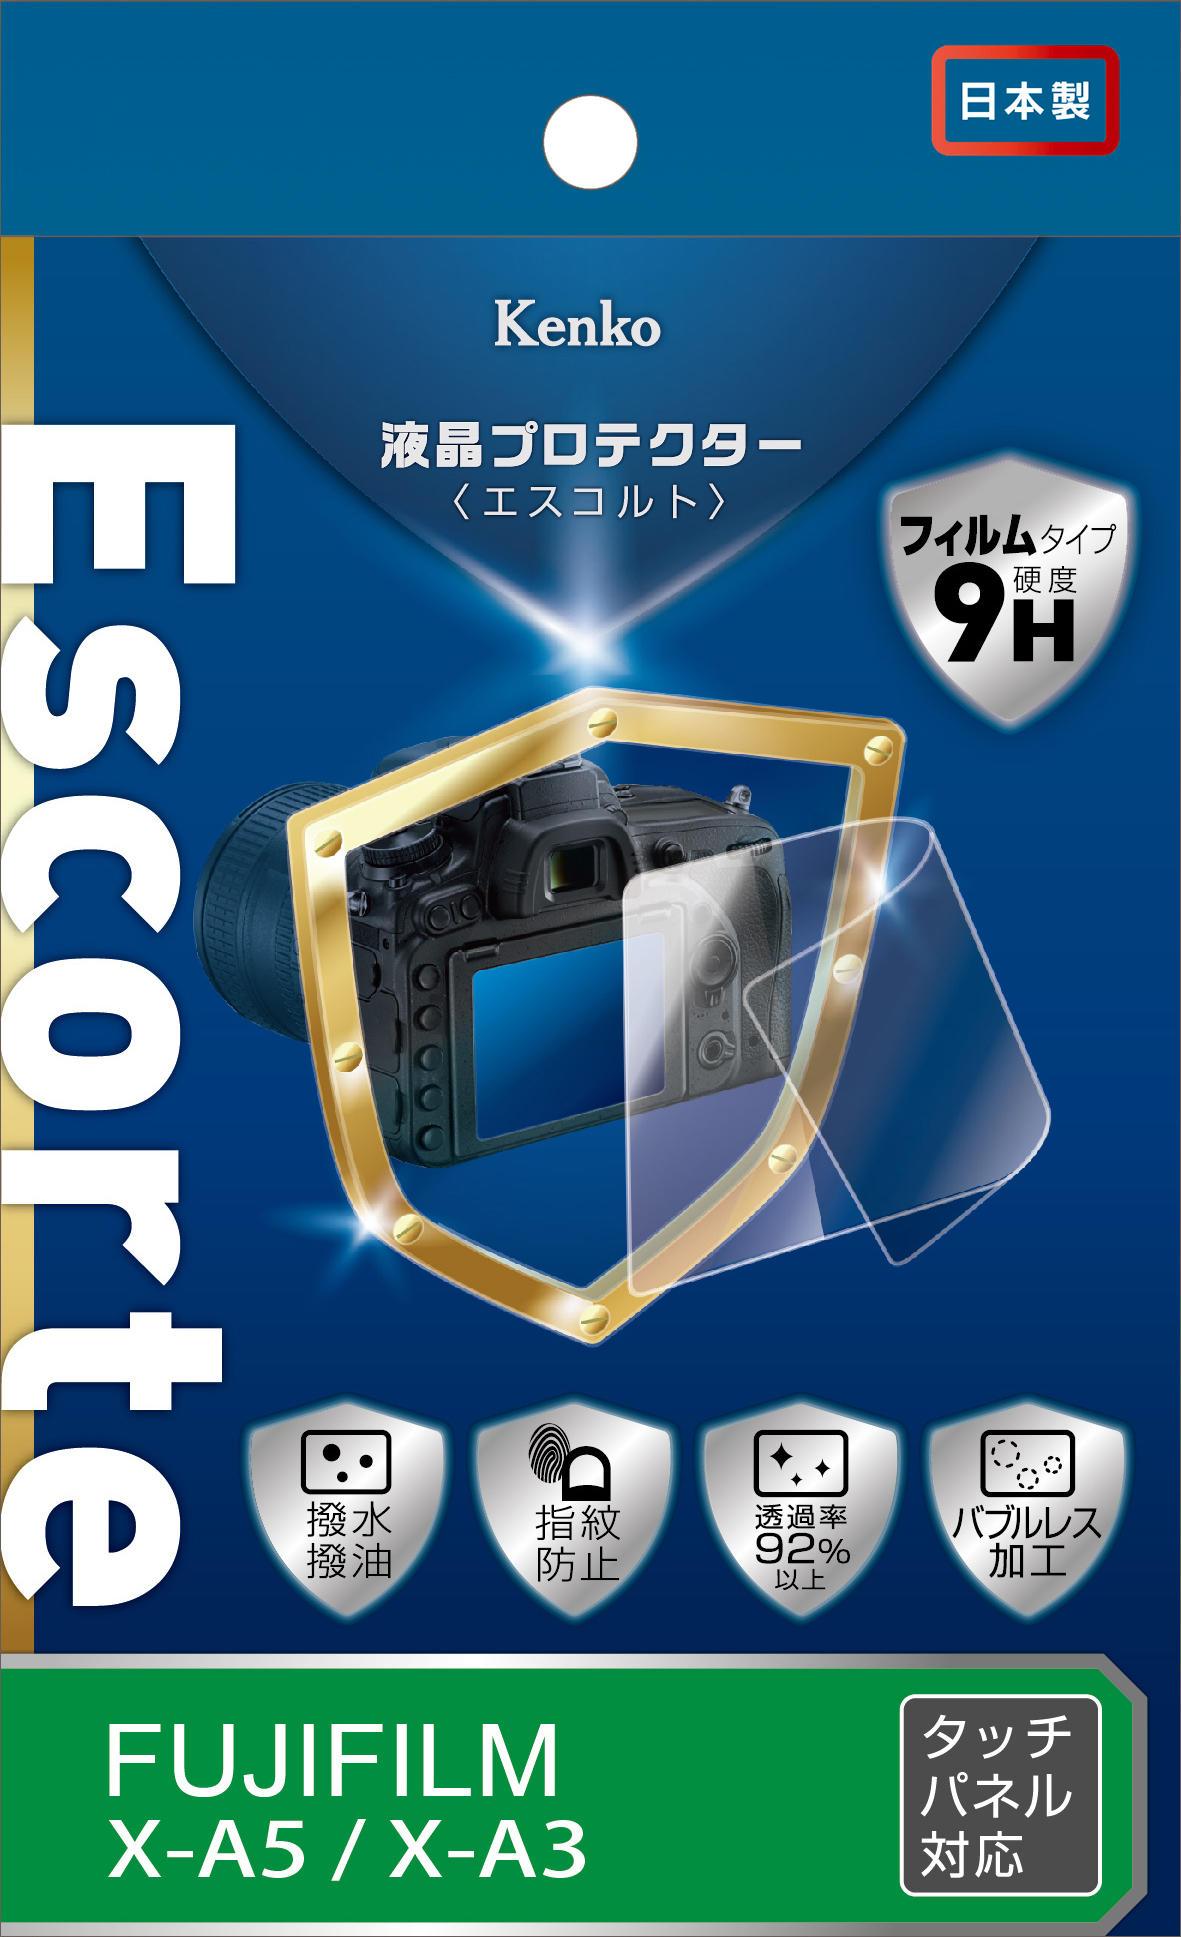 http://www.kenko-tokina.co.jp/imaging/eq/mt-images/4961607719329.jpg